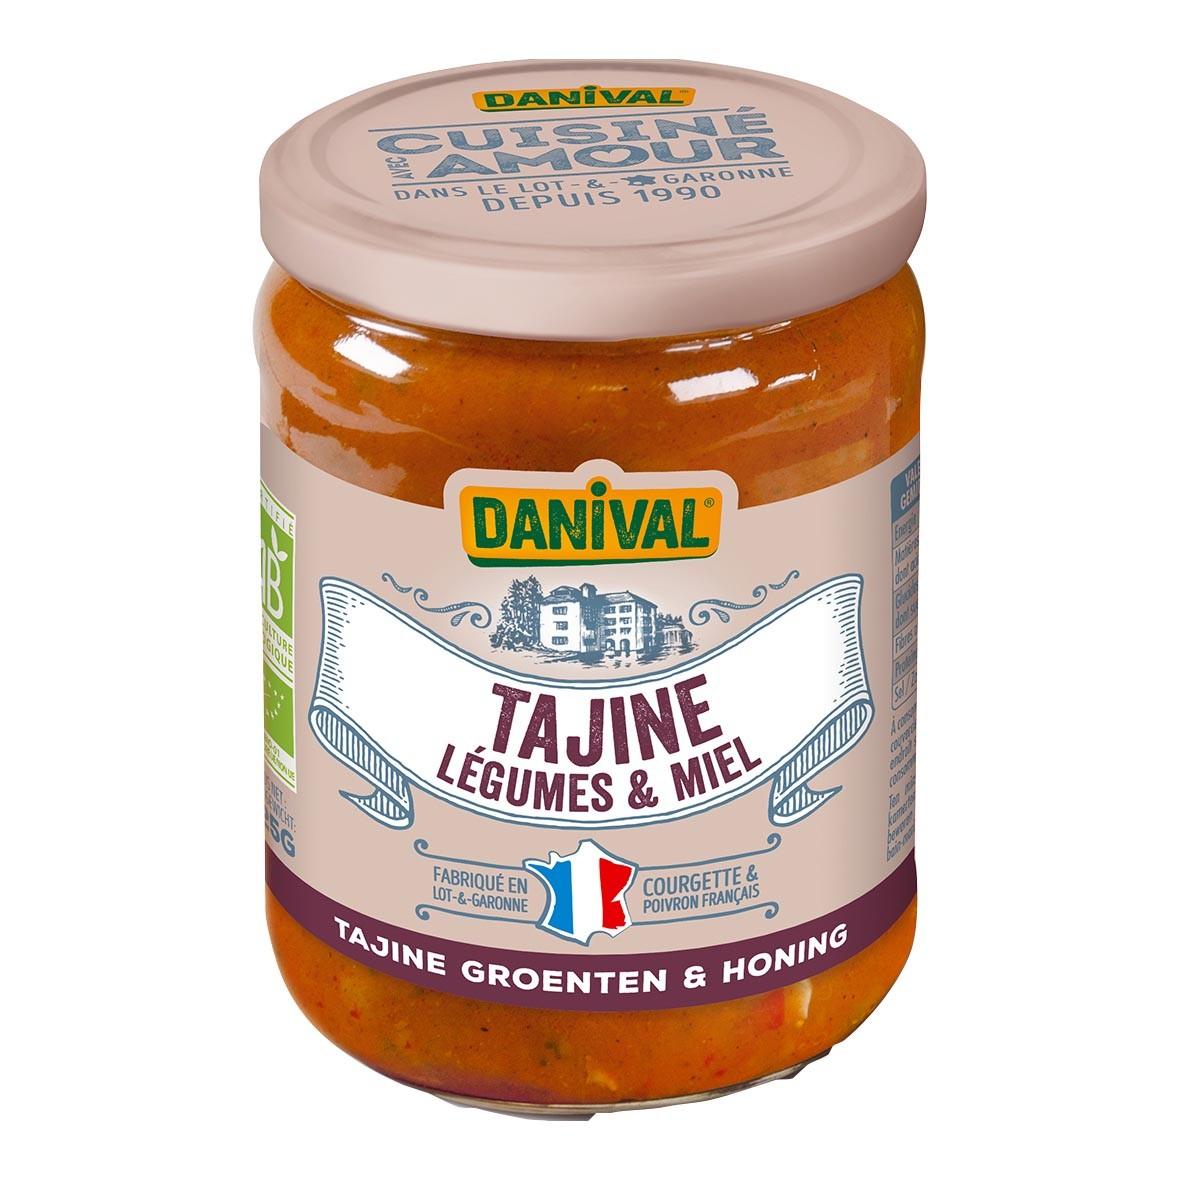 Danival - DANIVAL - TAJINE aux 6 légumes et MIEL  525G